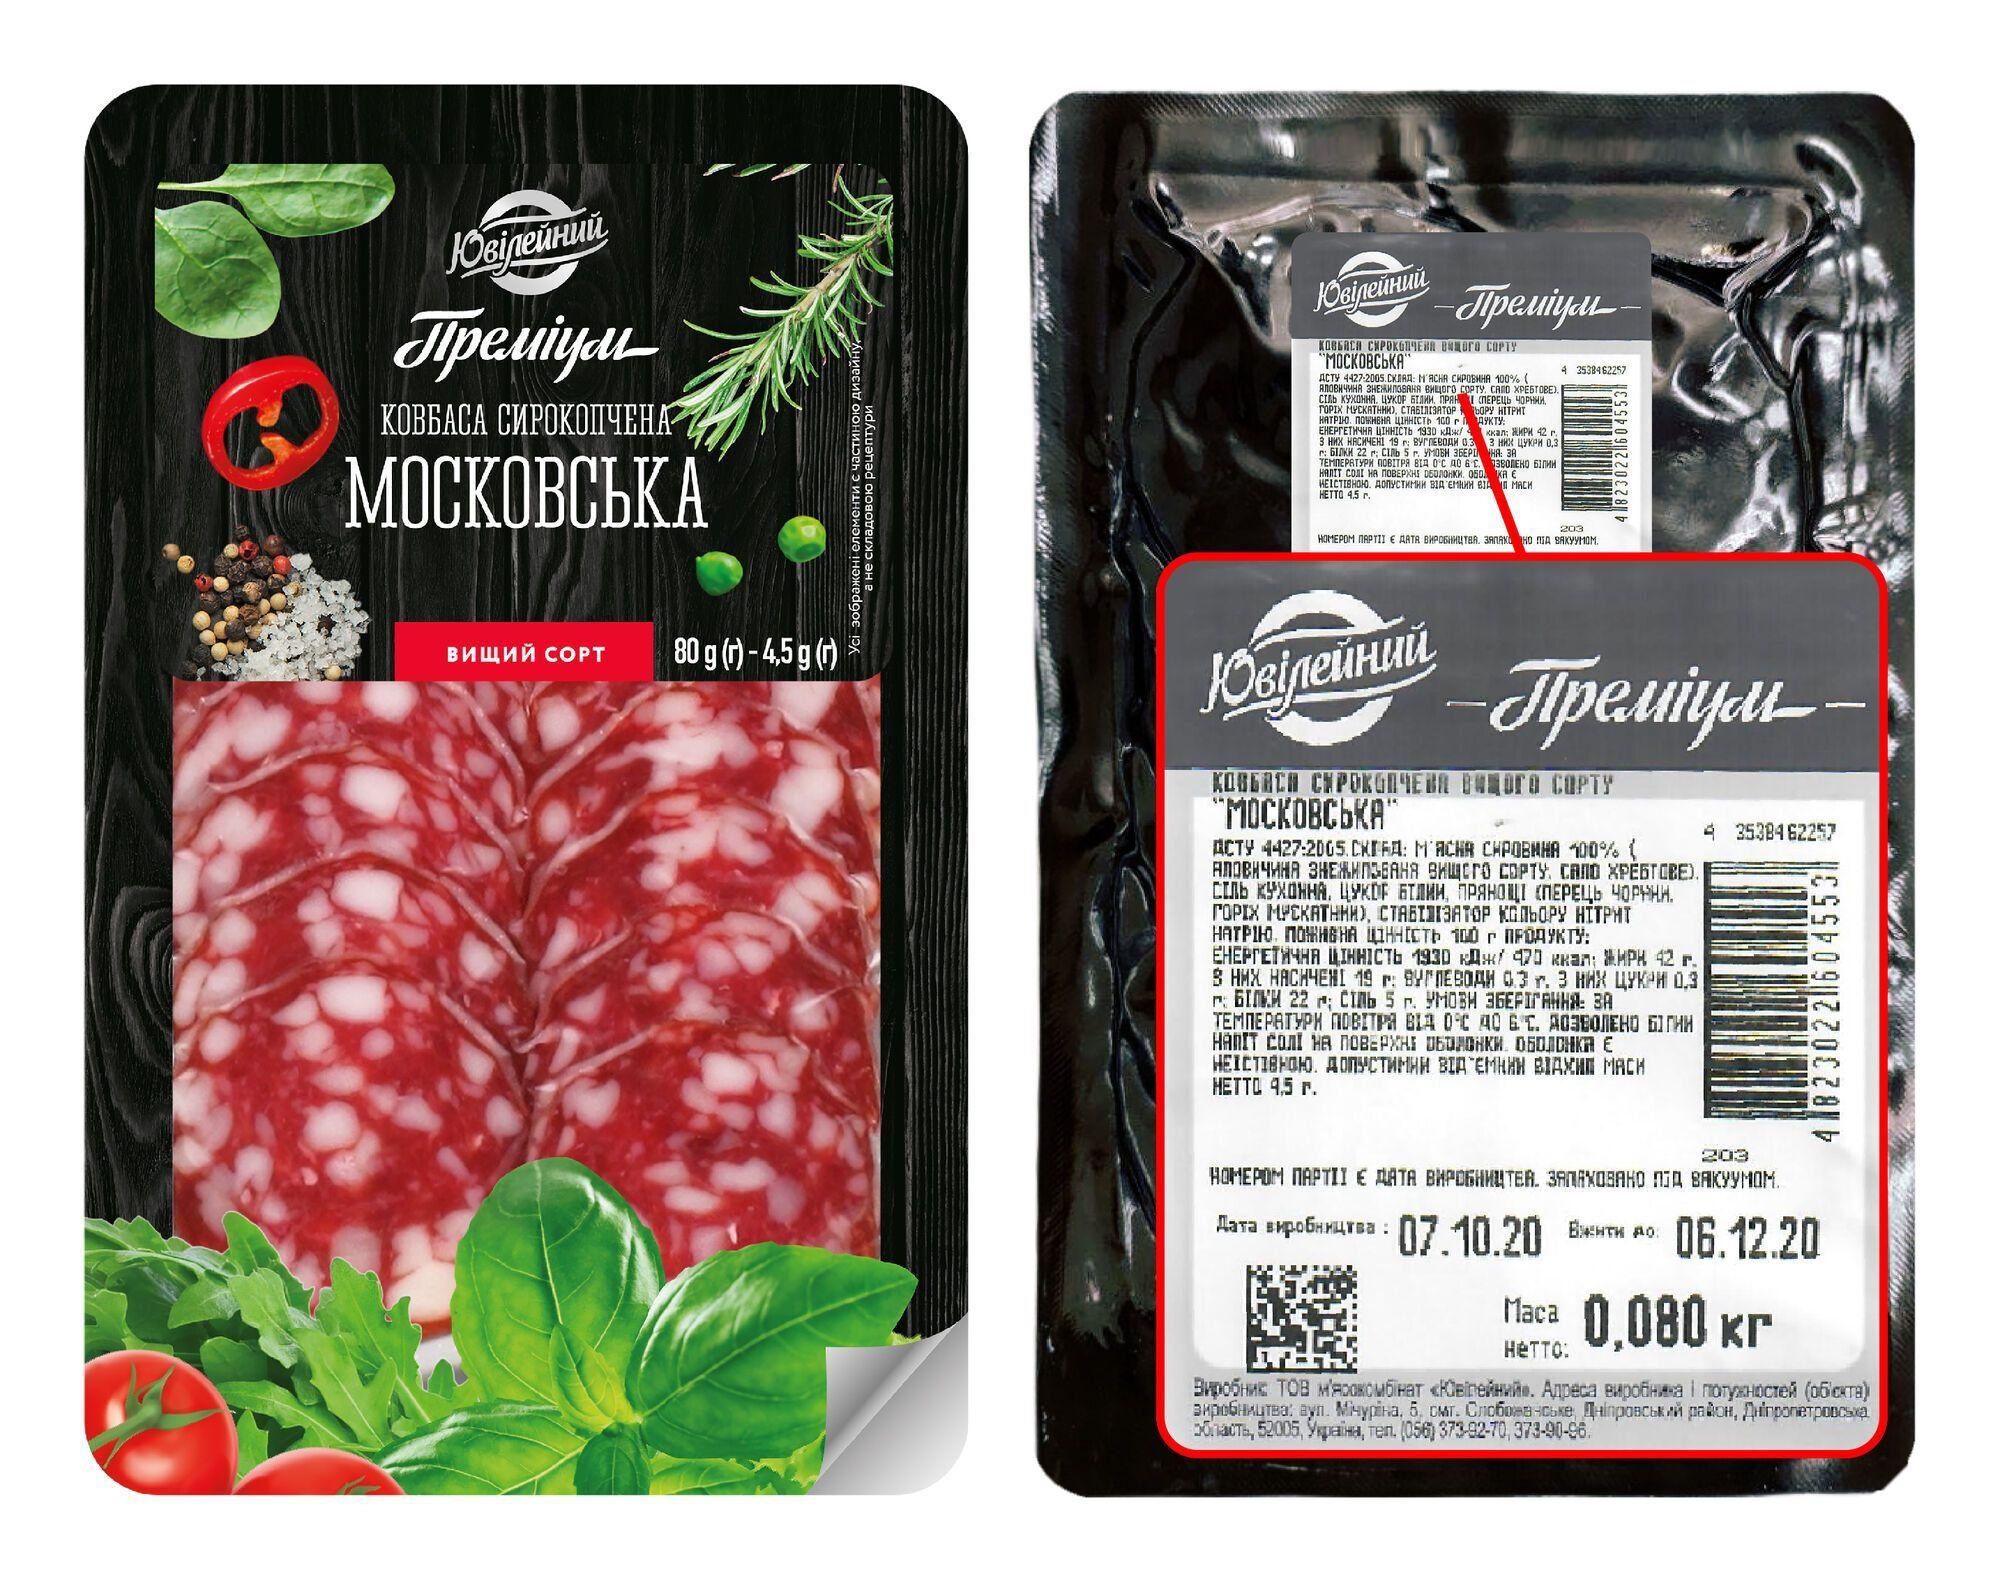 Эксперты рассказали, можно ли верить информации на этикетках в супермаркетах